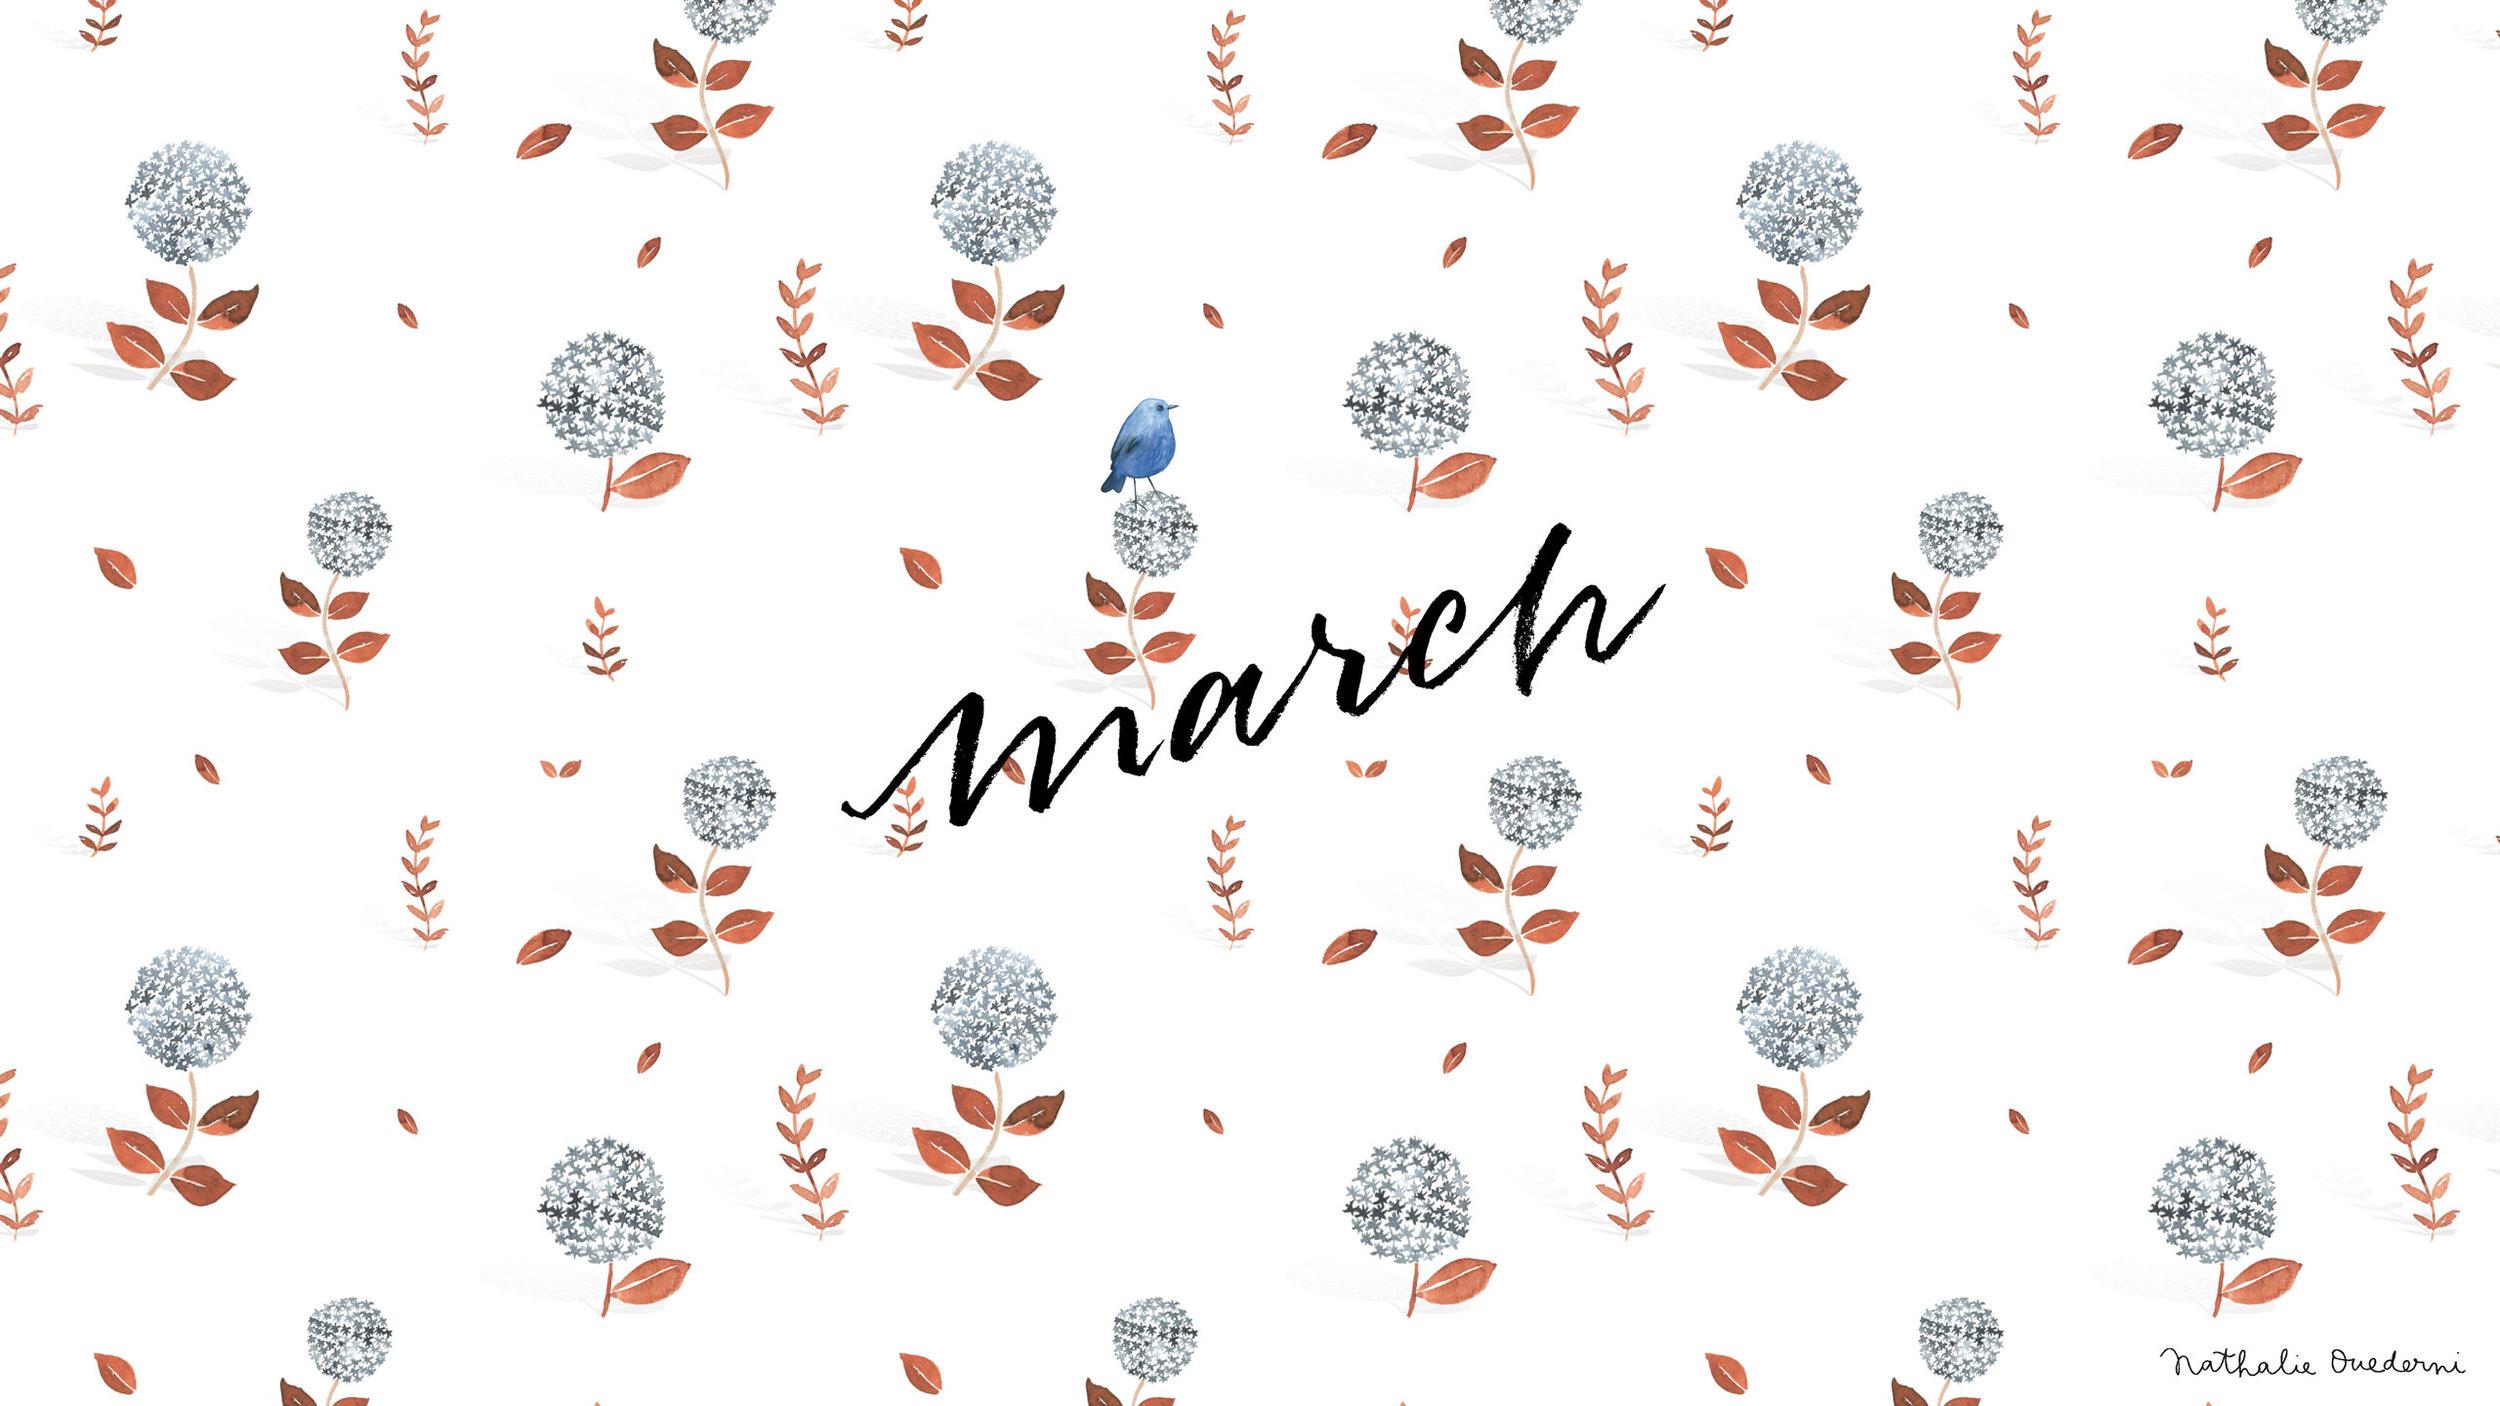 March-Illustrated-Wallpaper-Nathalie-Ouederni-Desktop-02.jpg